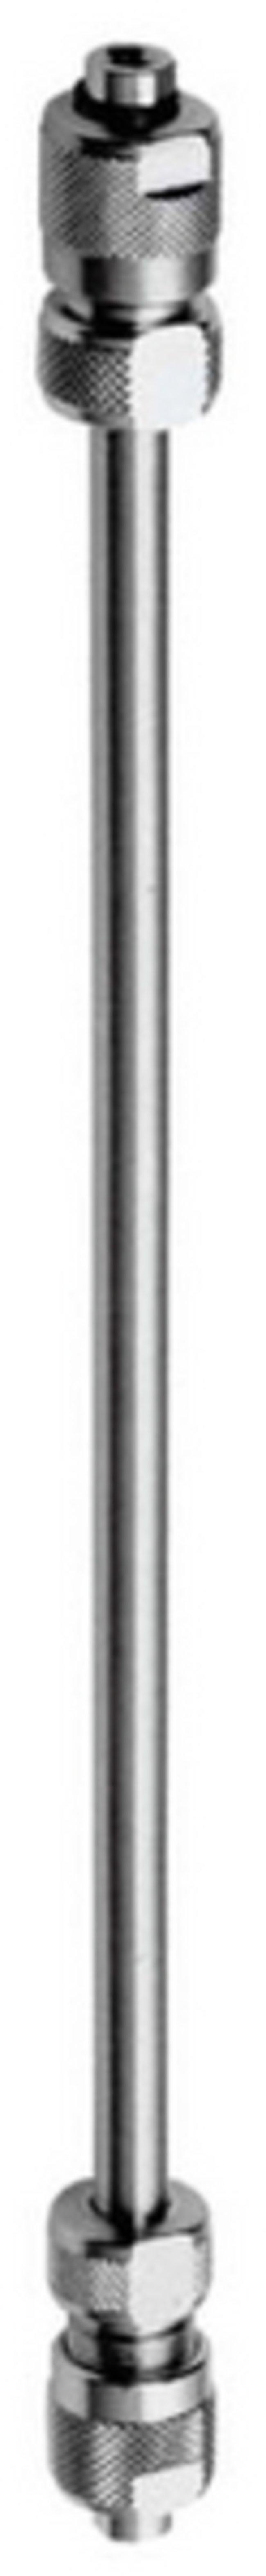 MilliporeSigma LiChroCART Column/LiChrospher 100 RP-8 Endcapped Sorbent